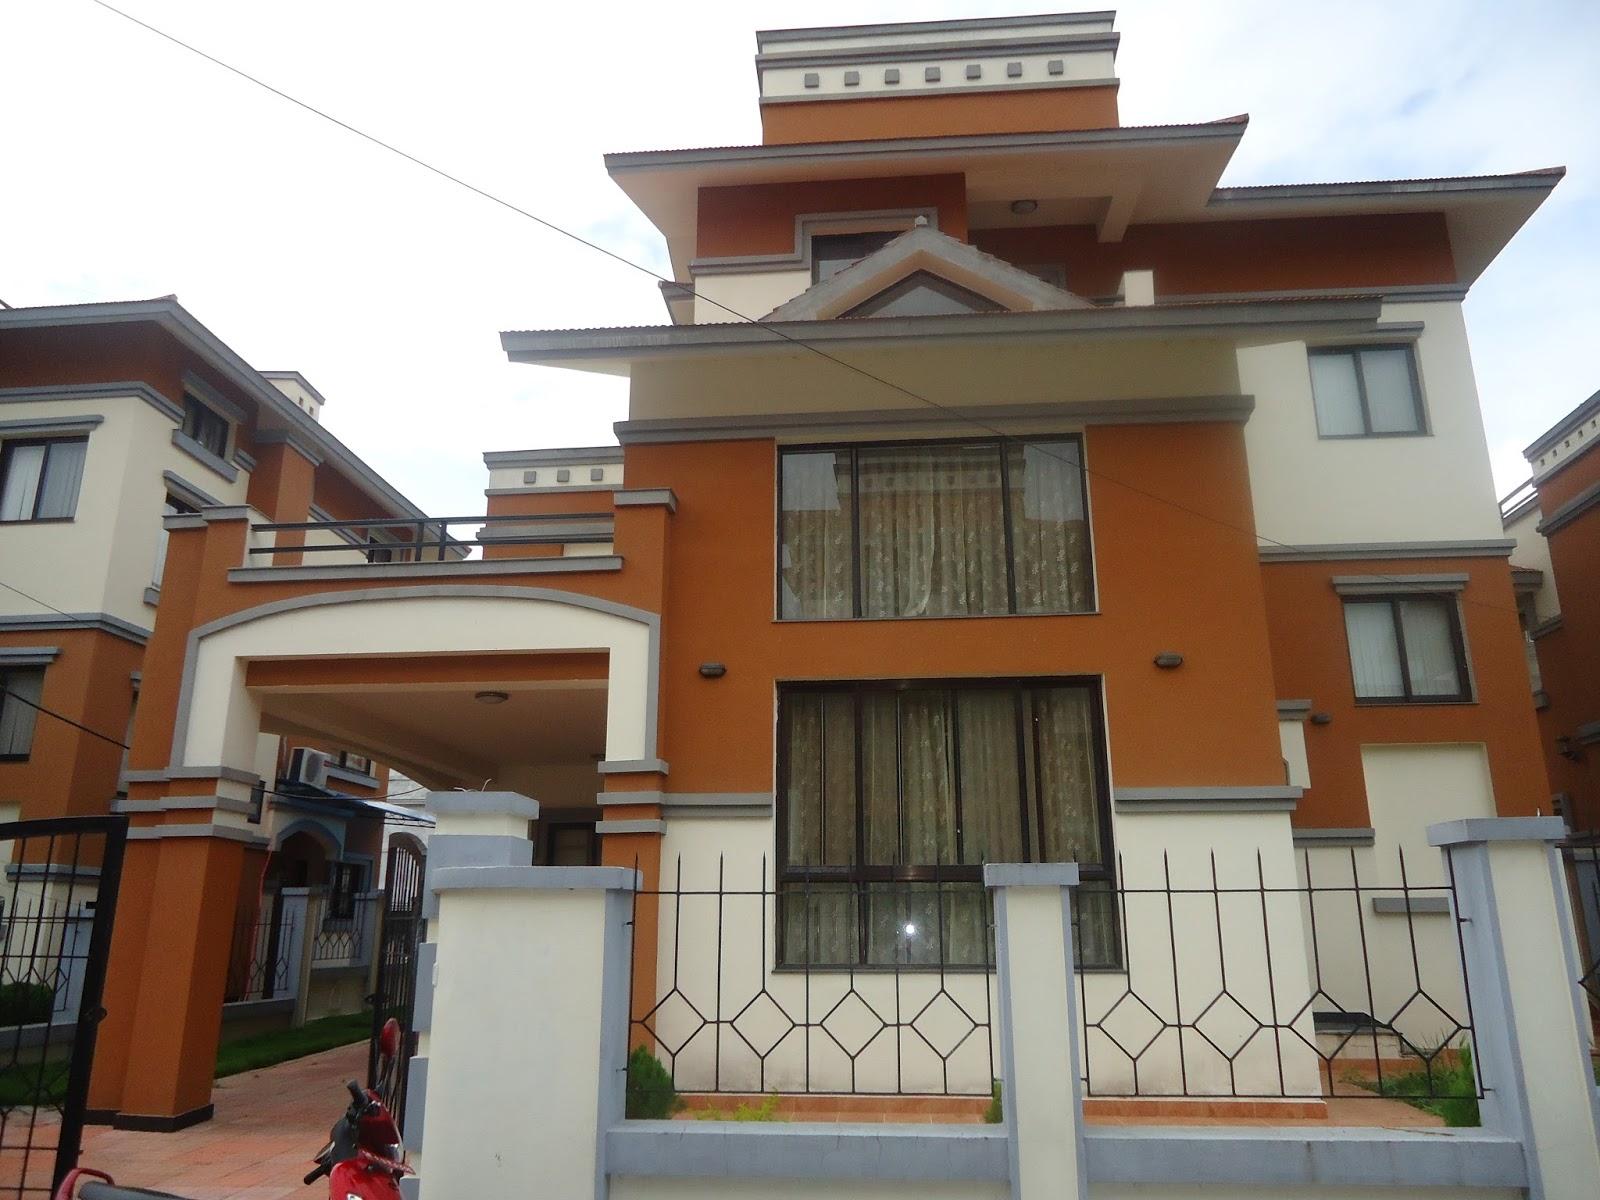 160 lakha real estate nepal page 2